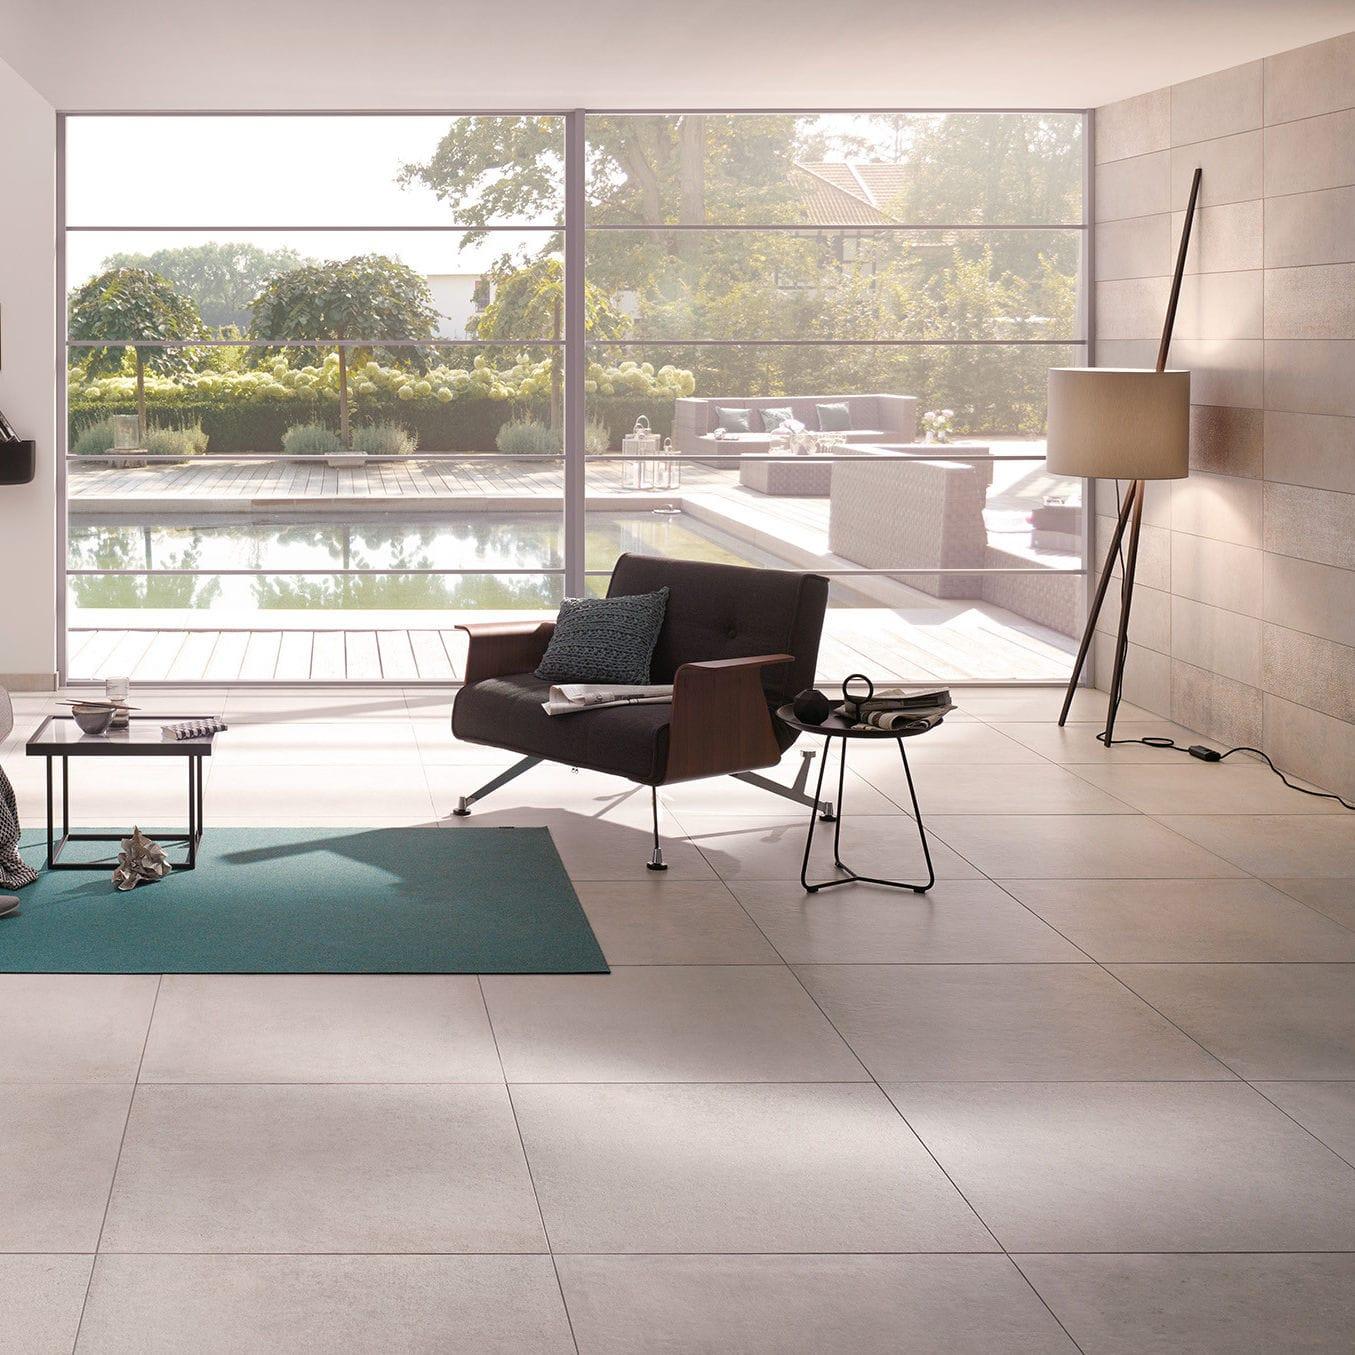 carrelage d'intérieur / de salon / de sol / mural - beton - steuler